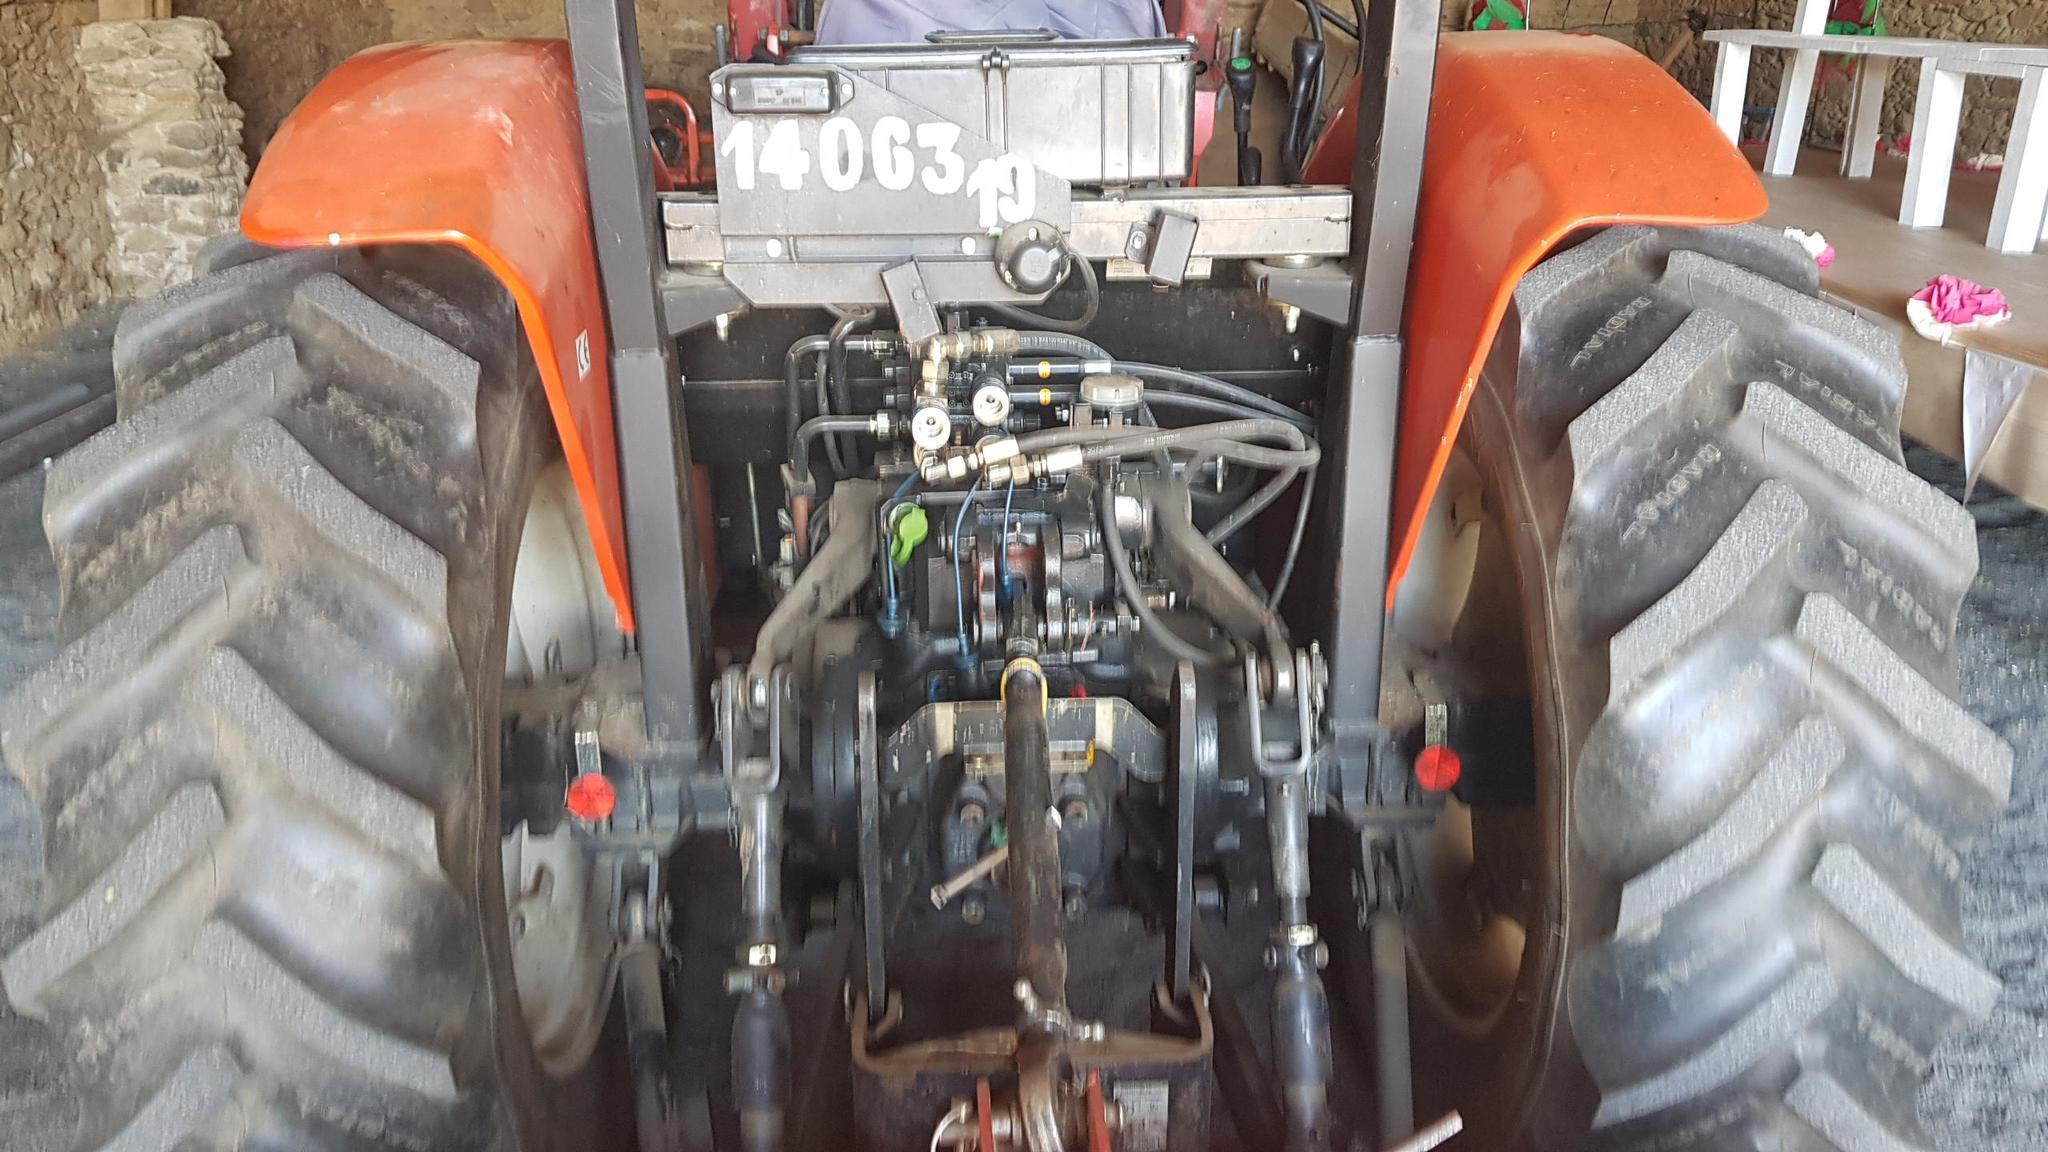 Tracteur Agricole D Occasion En Vente Sur Marsaleix